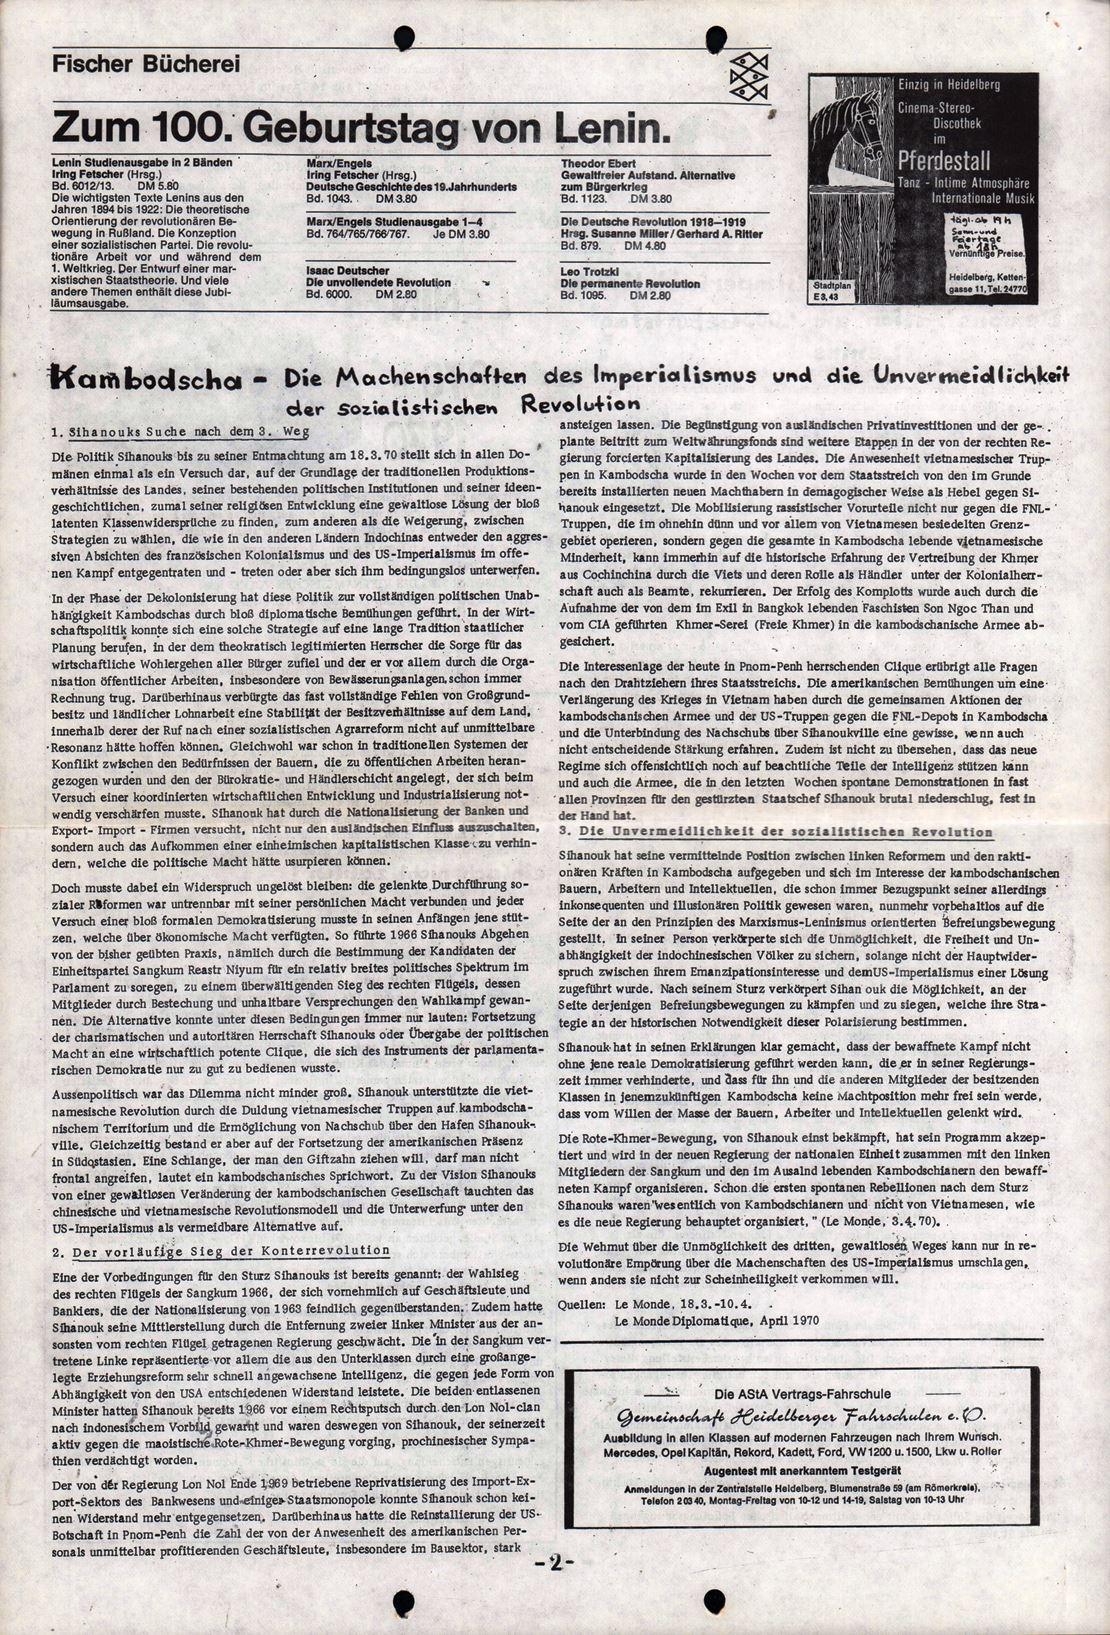 Heidelberg_1970_077